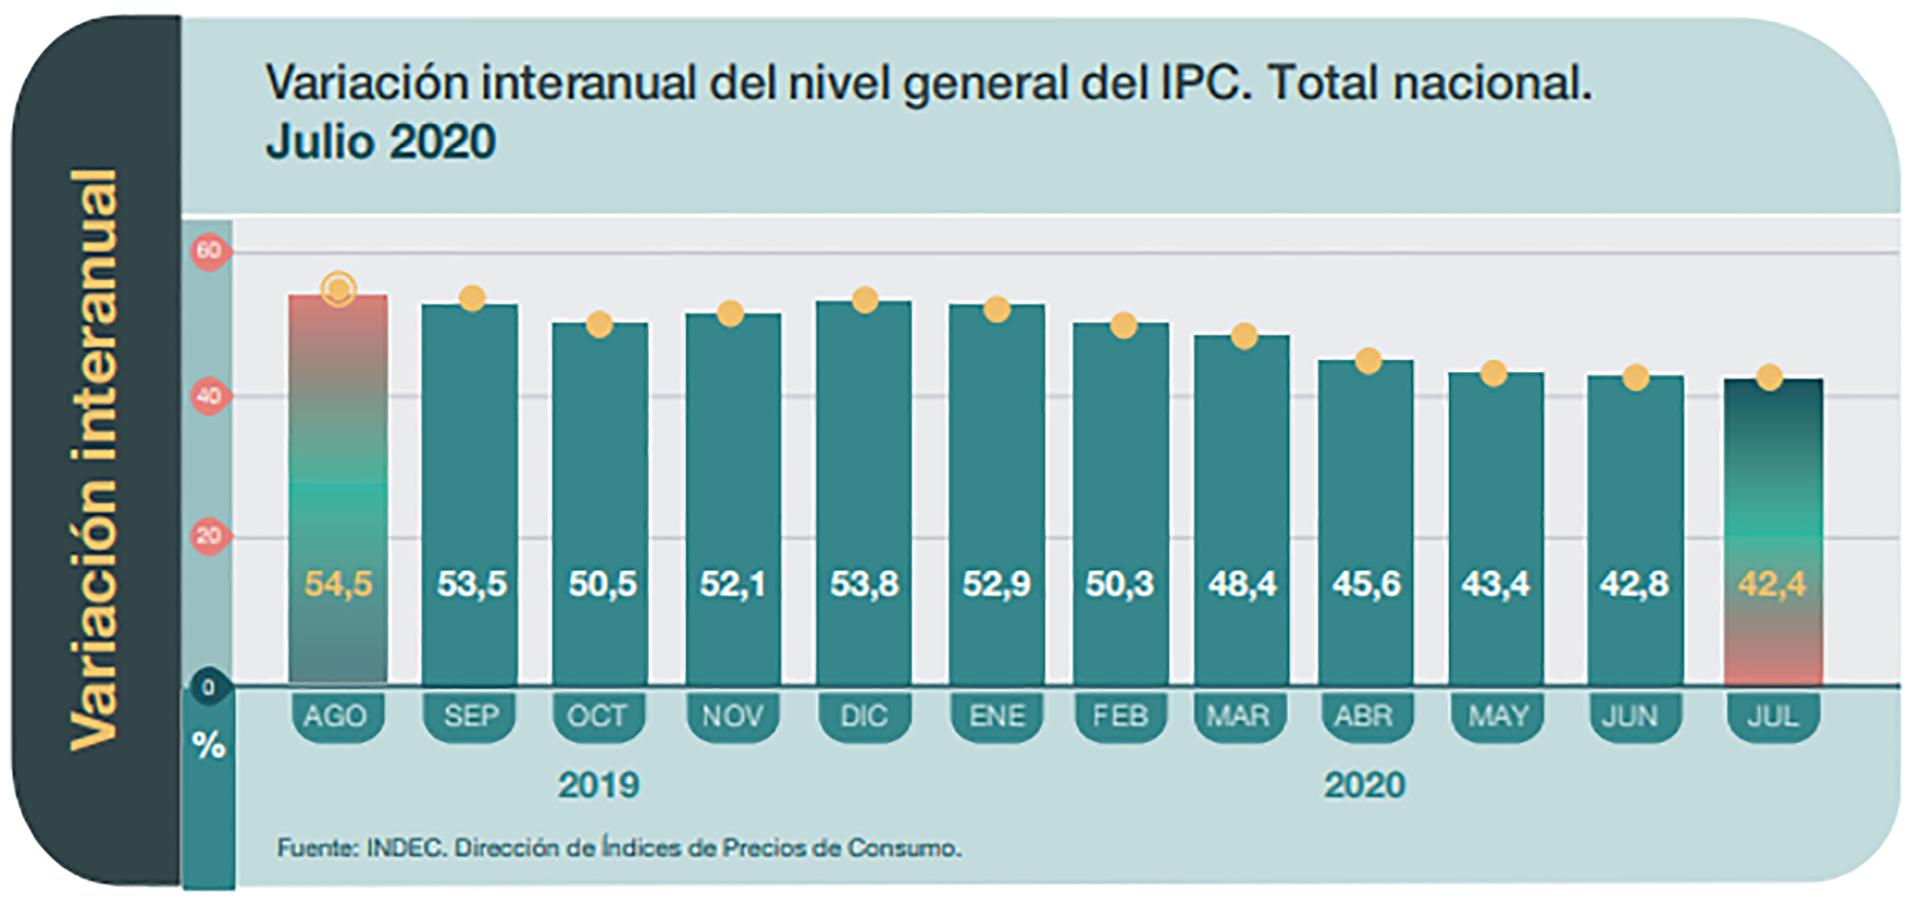 La inflación de julio fue del 1,9% y acumula un 42,4% en el último año - Infobae